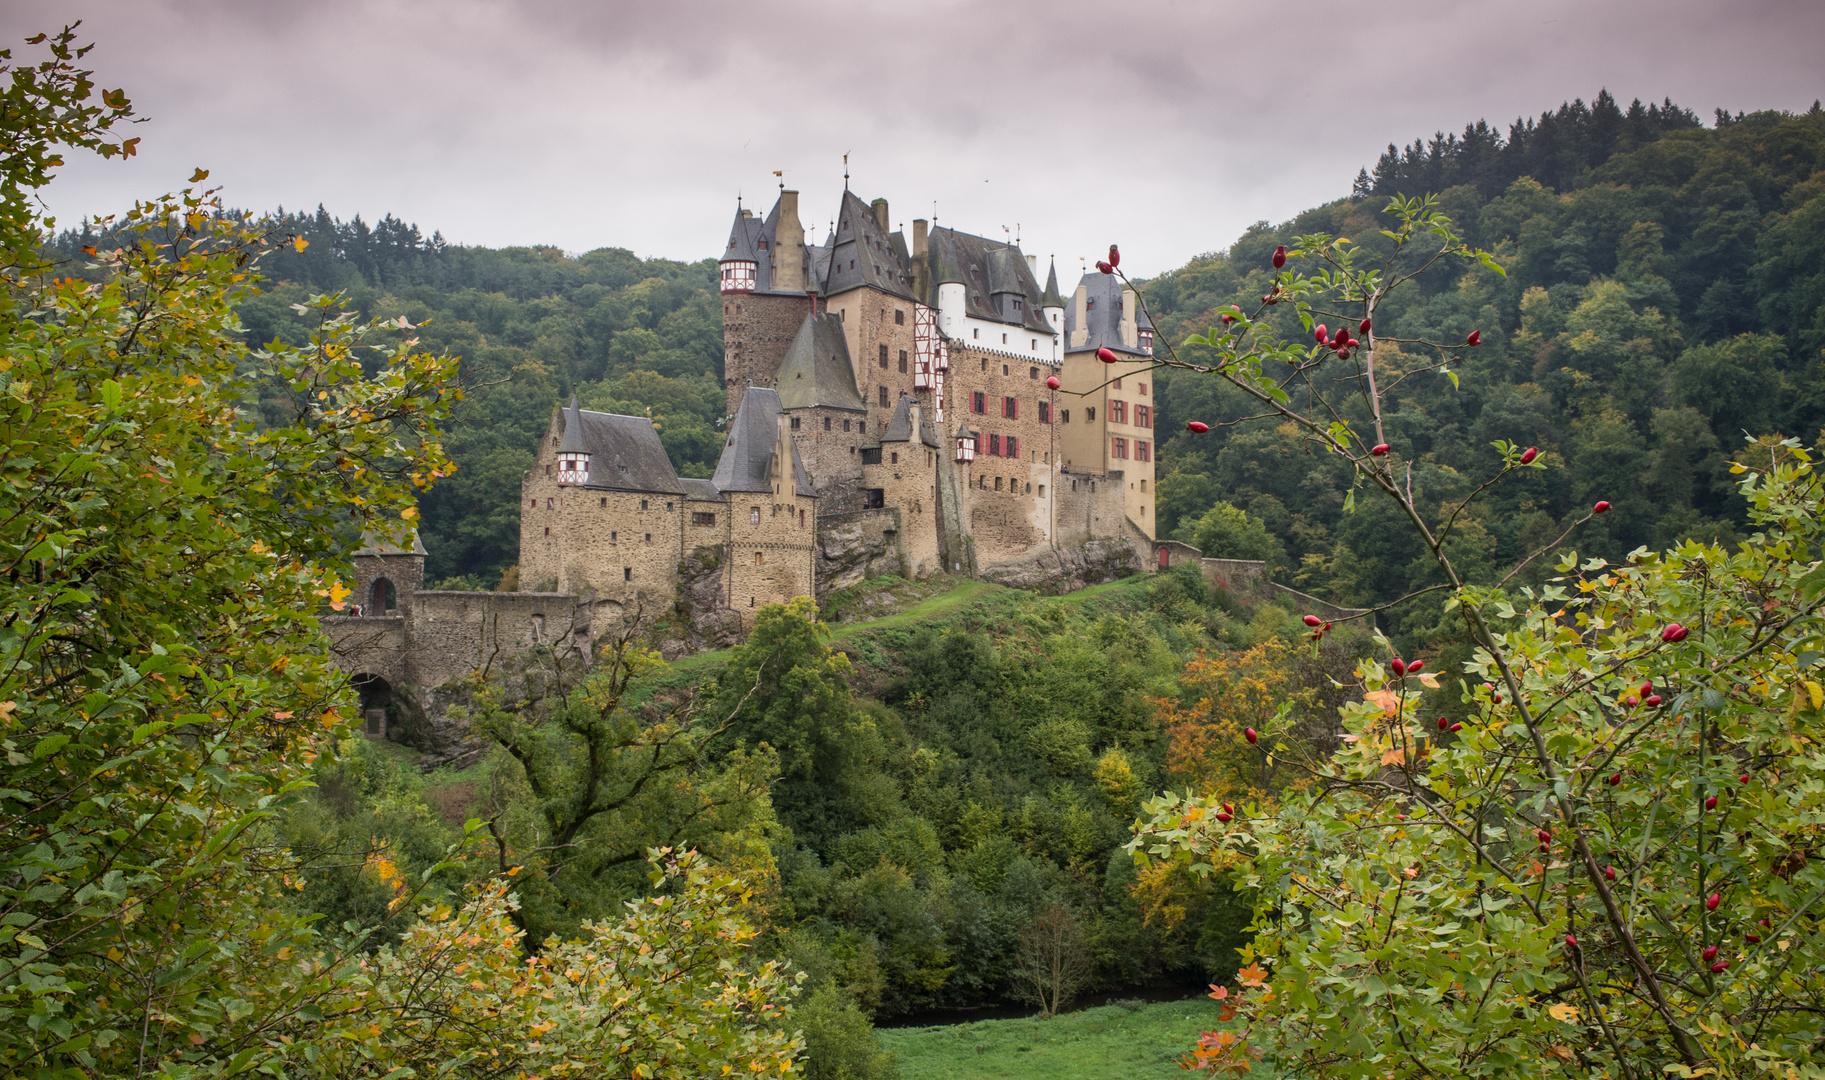 Zurück zur Burg Eltz